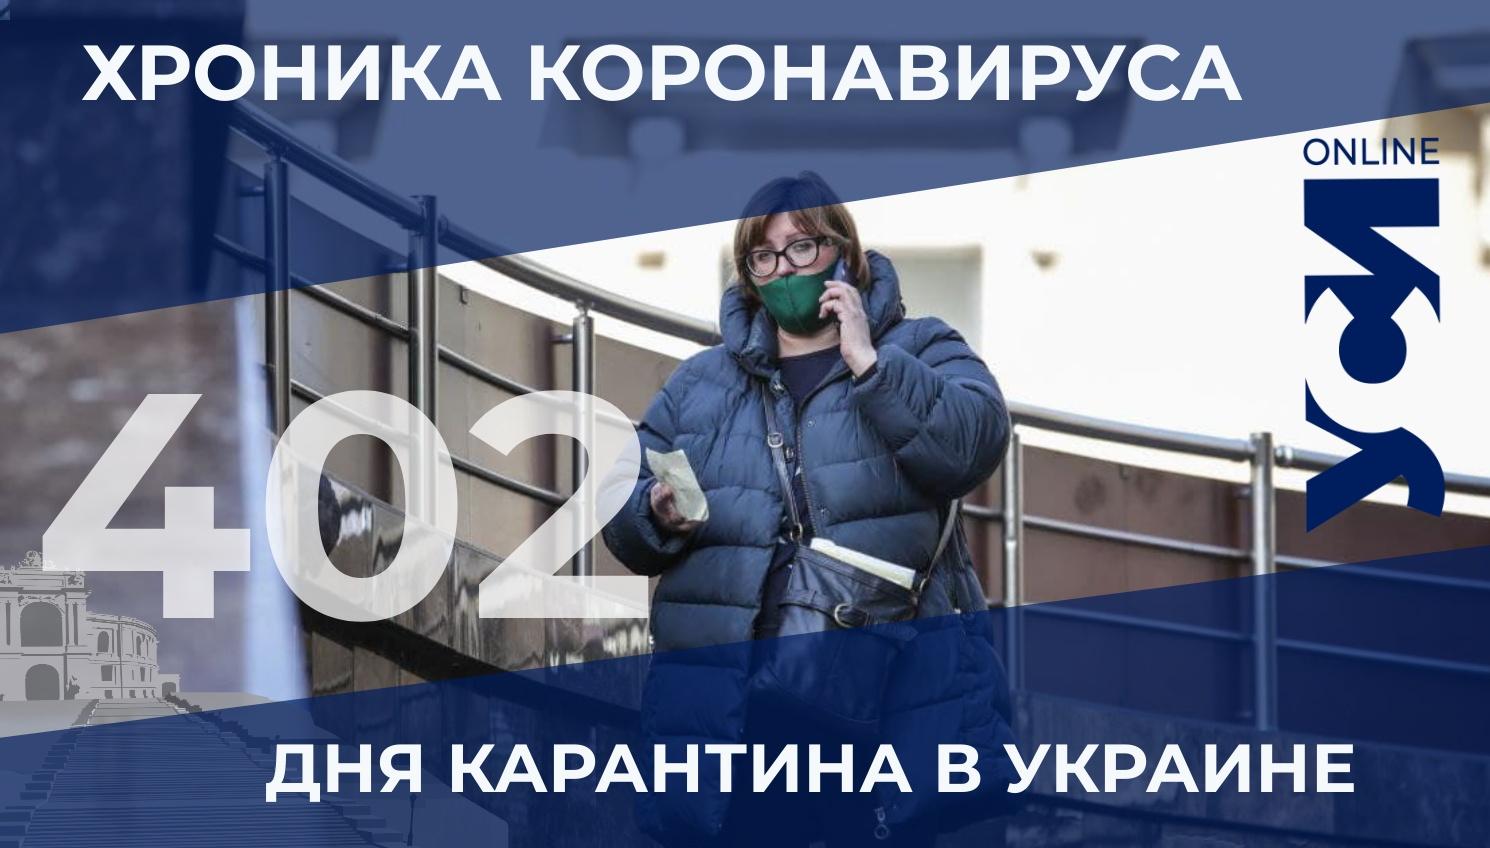 COVID-19: Одесская область продолжает удерживать лидирующие позиции «фото»